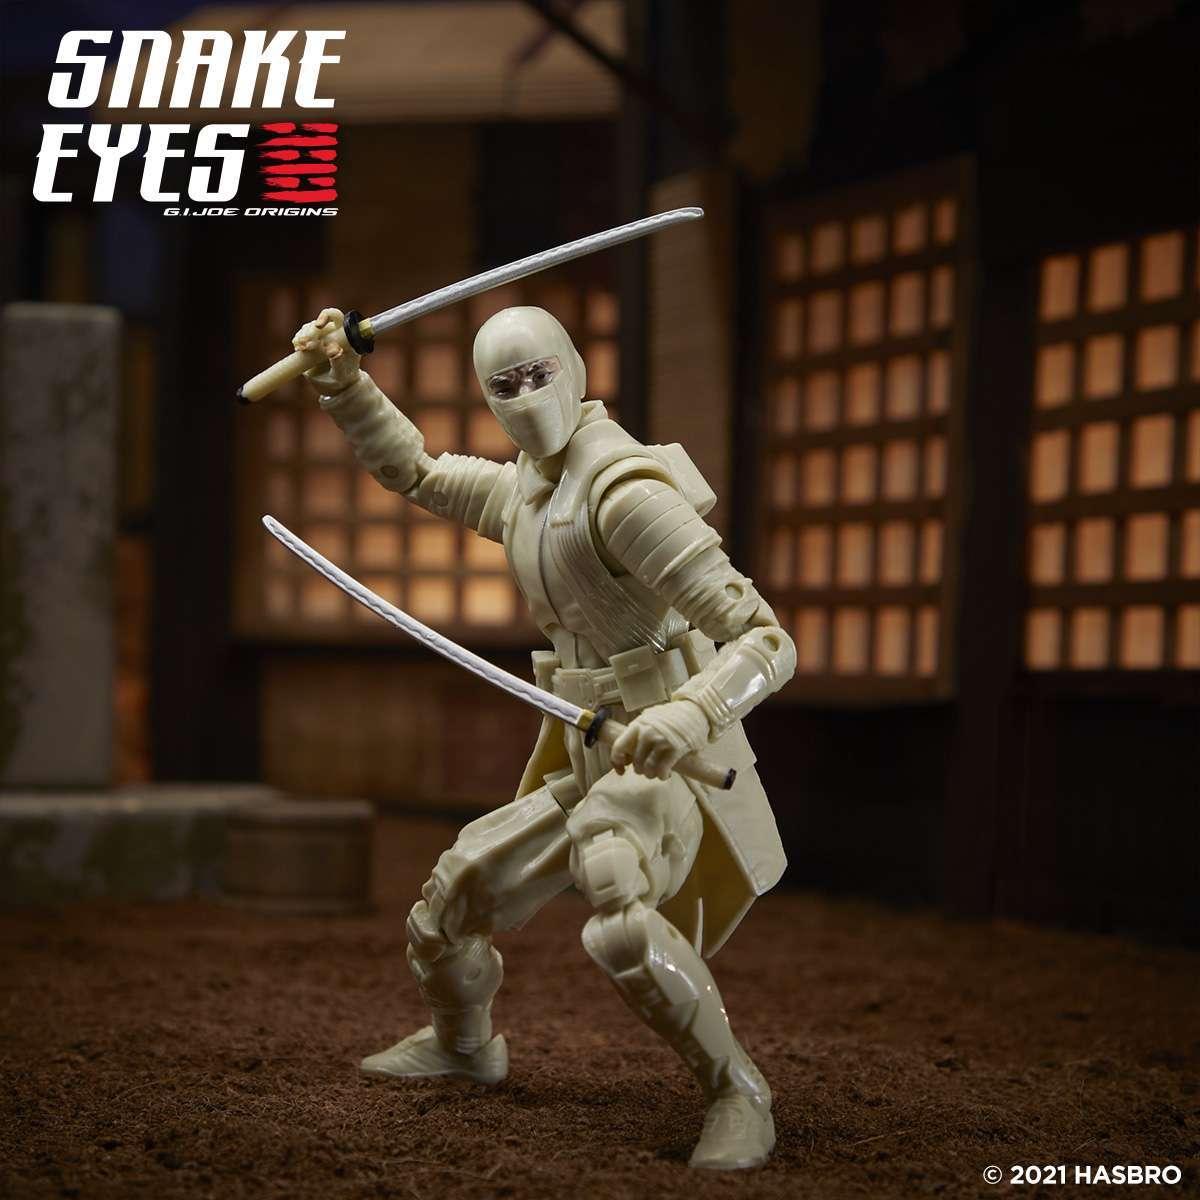 GIJ CS Snake Eyes Storm Shadow 1